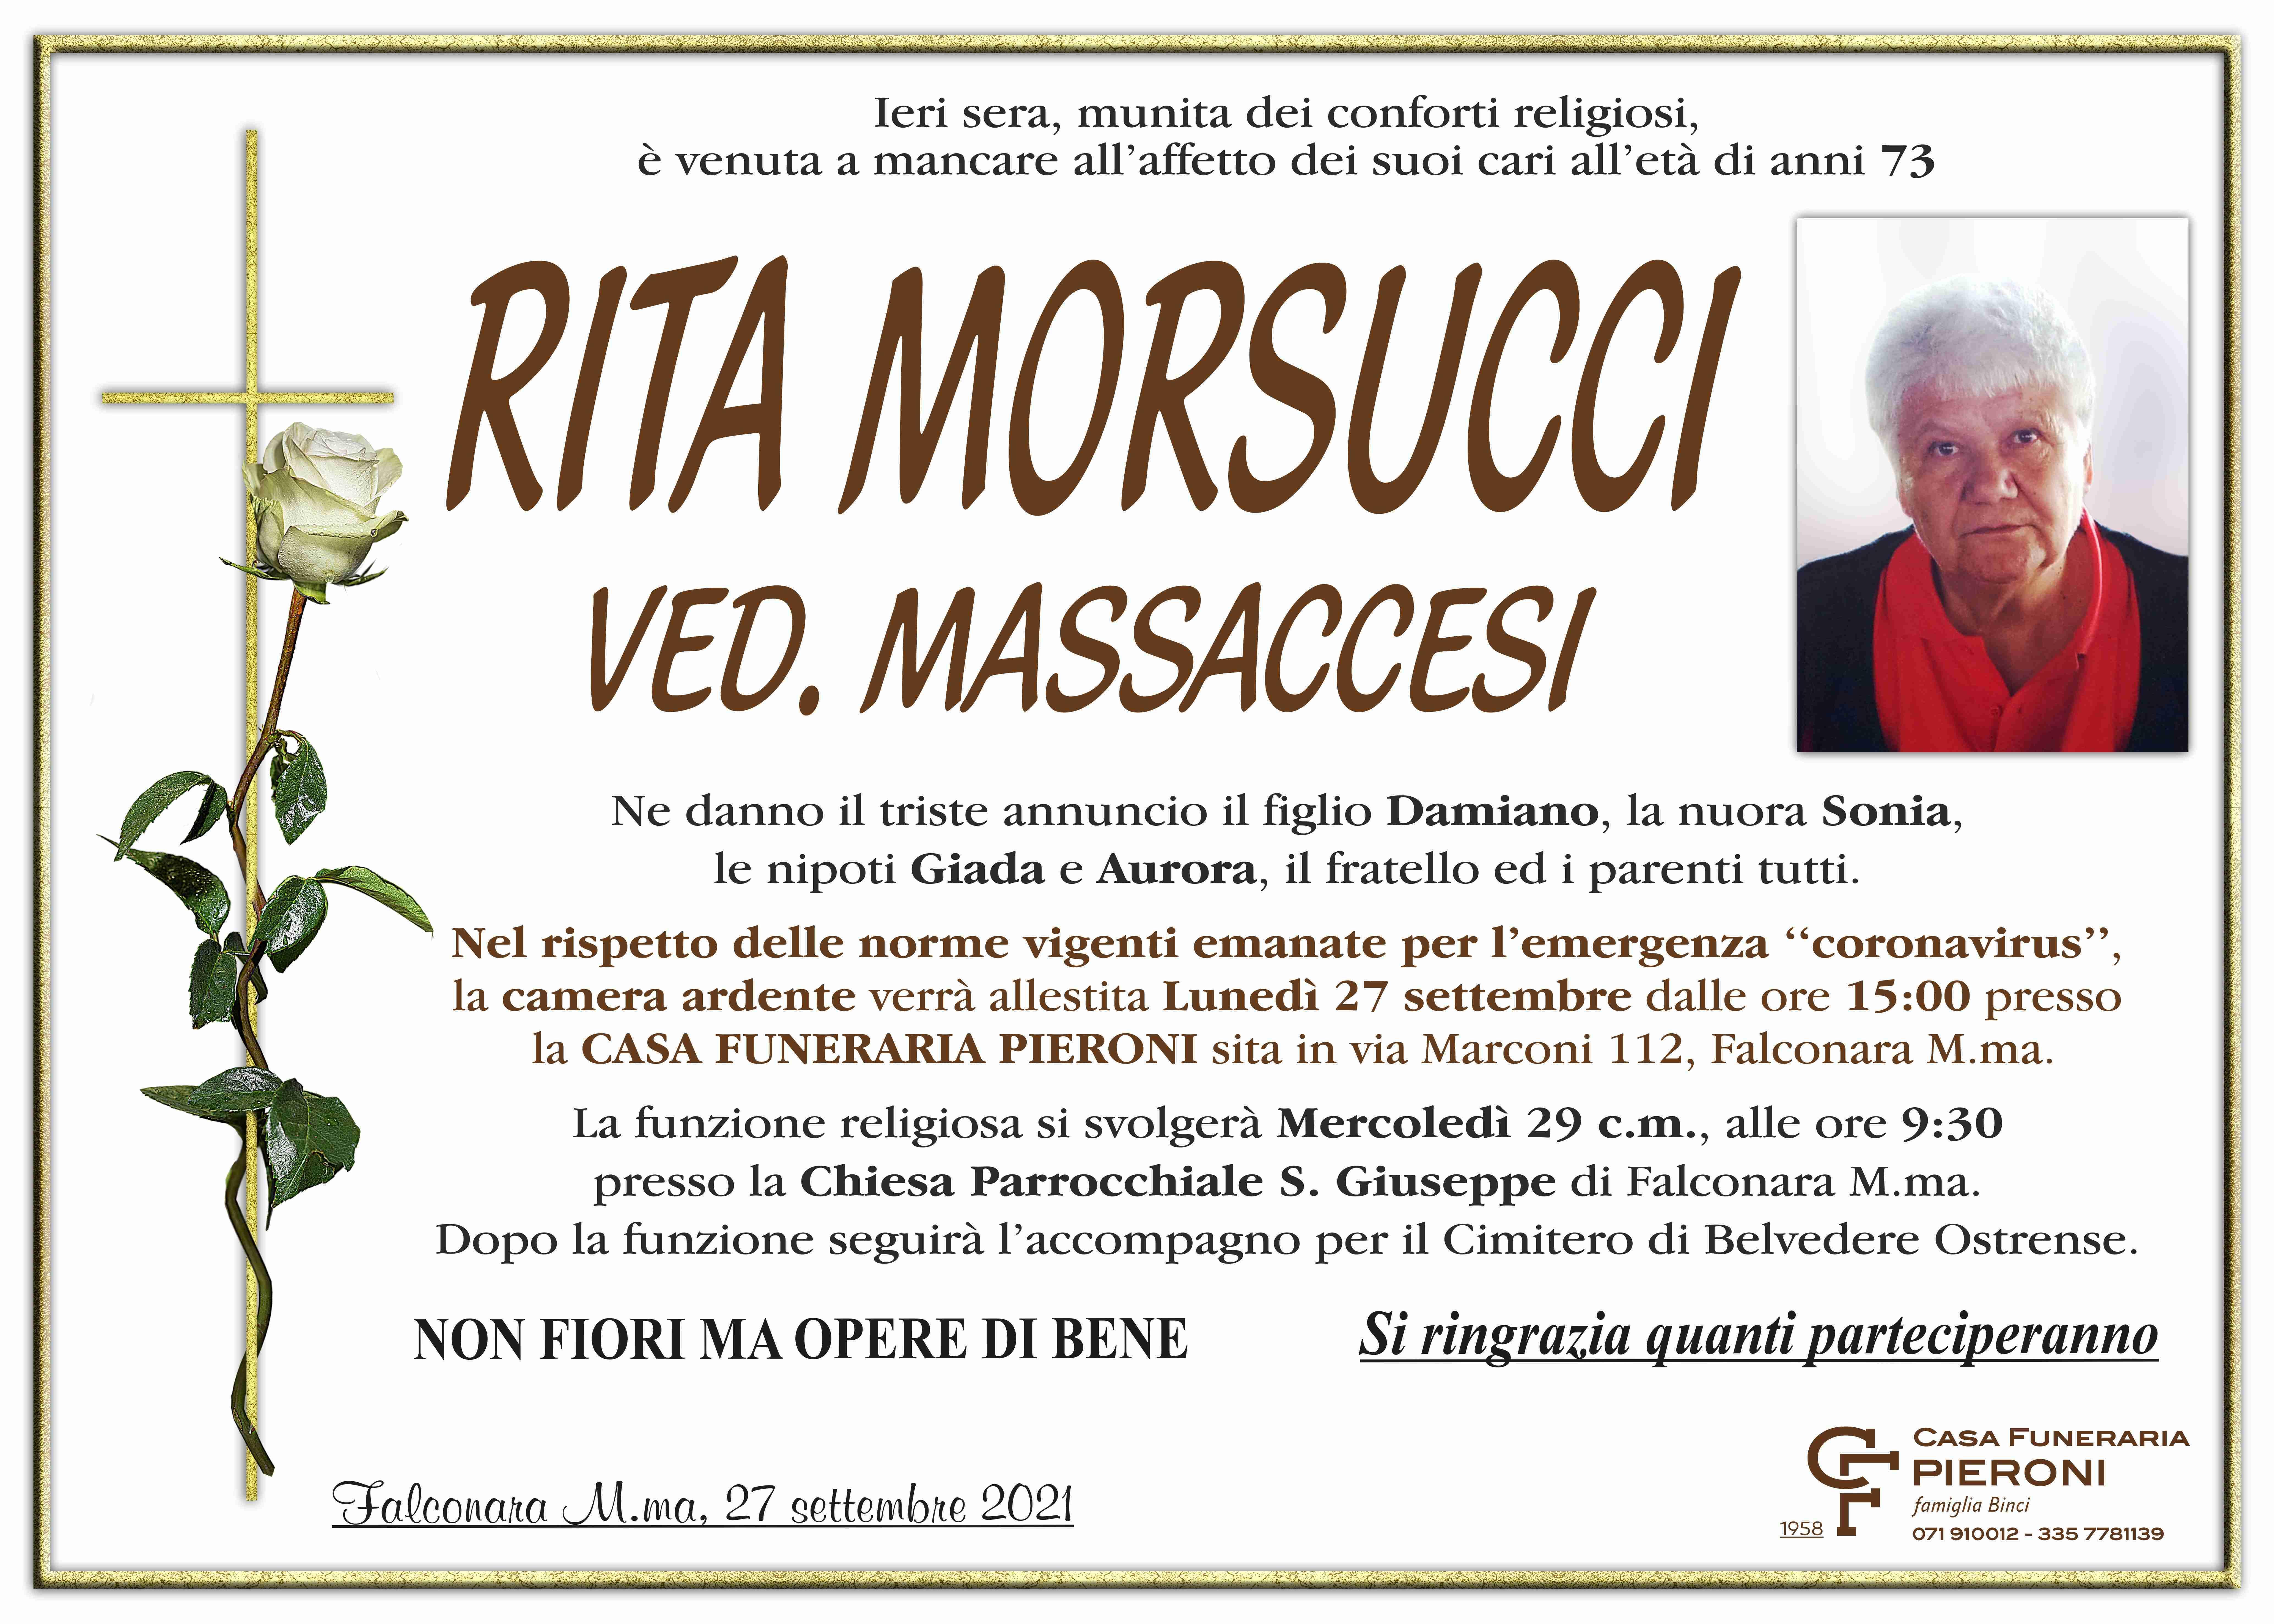 Rita Morsucci